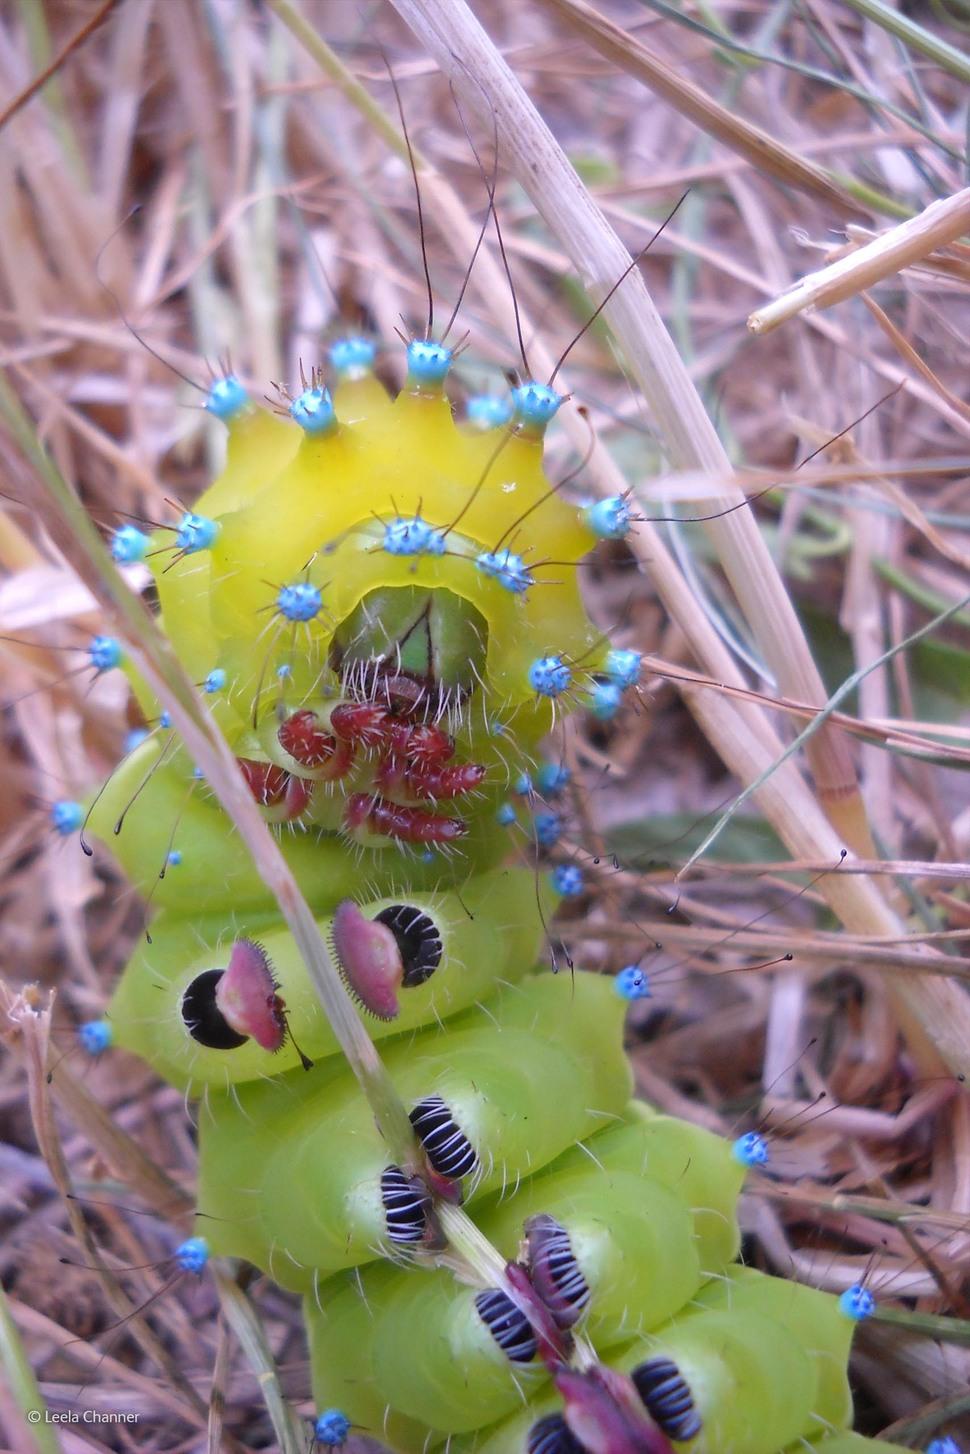 「巨型孔雀蛾幼蟲」(攝影: Leela Channer)